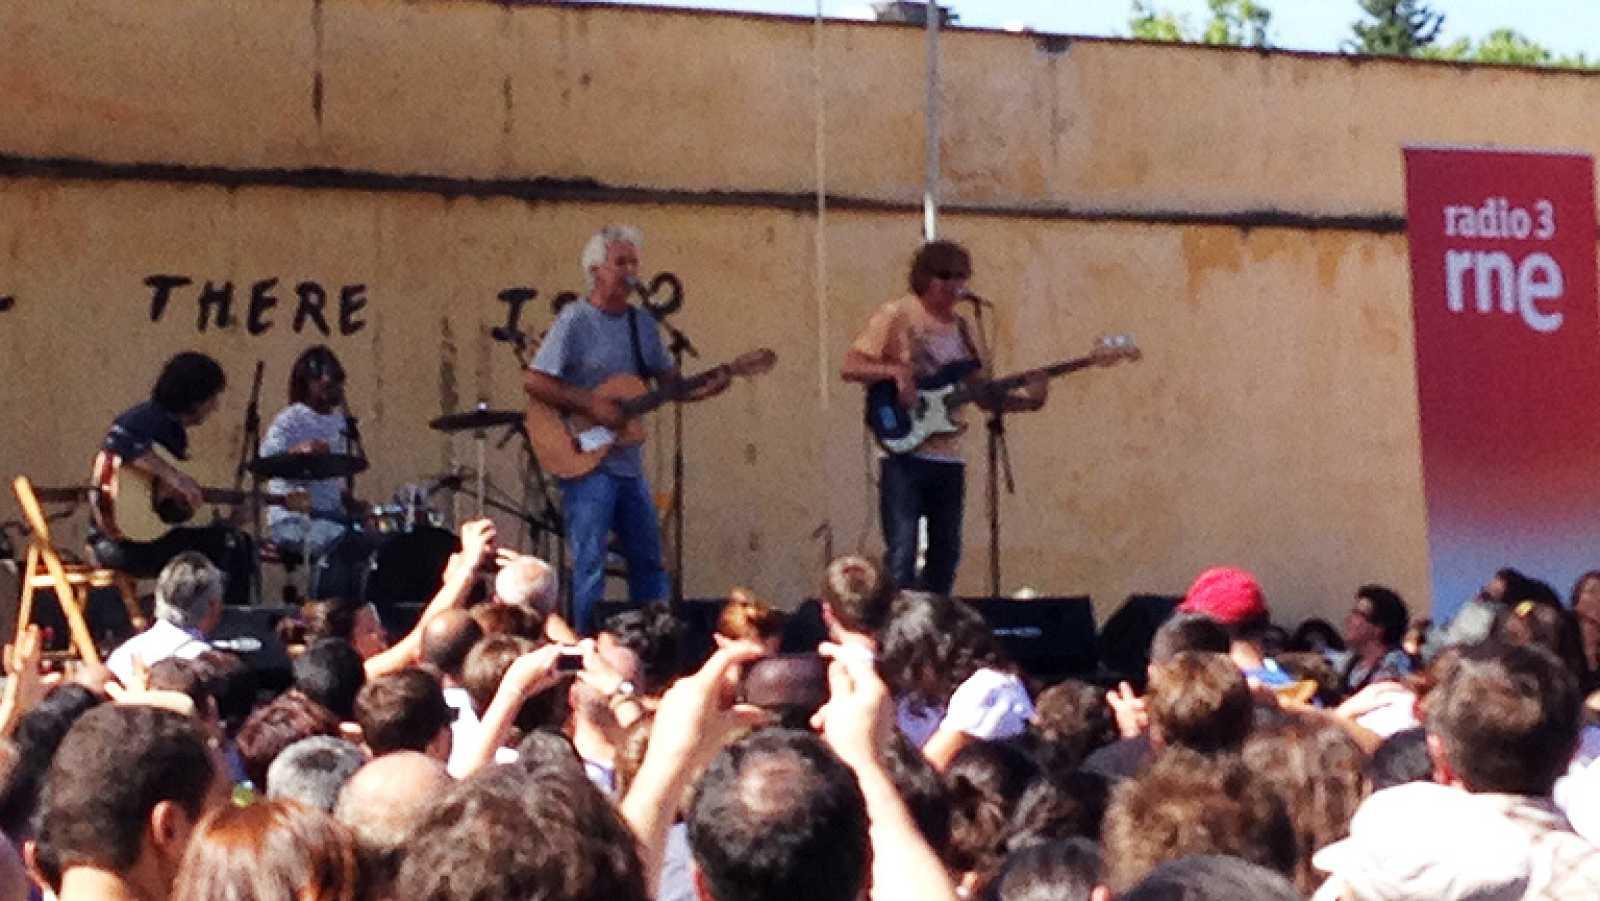 Fiesta de Radio 3 en Sevilla - ver ahora